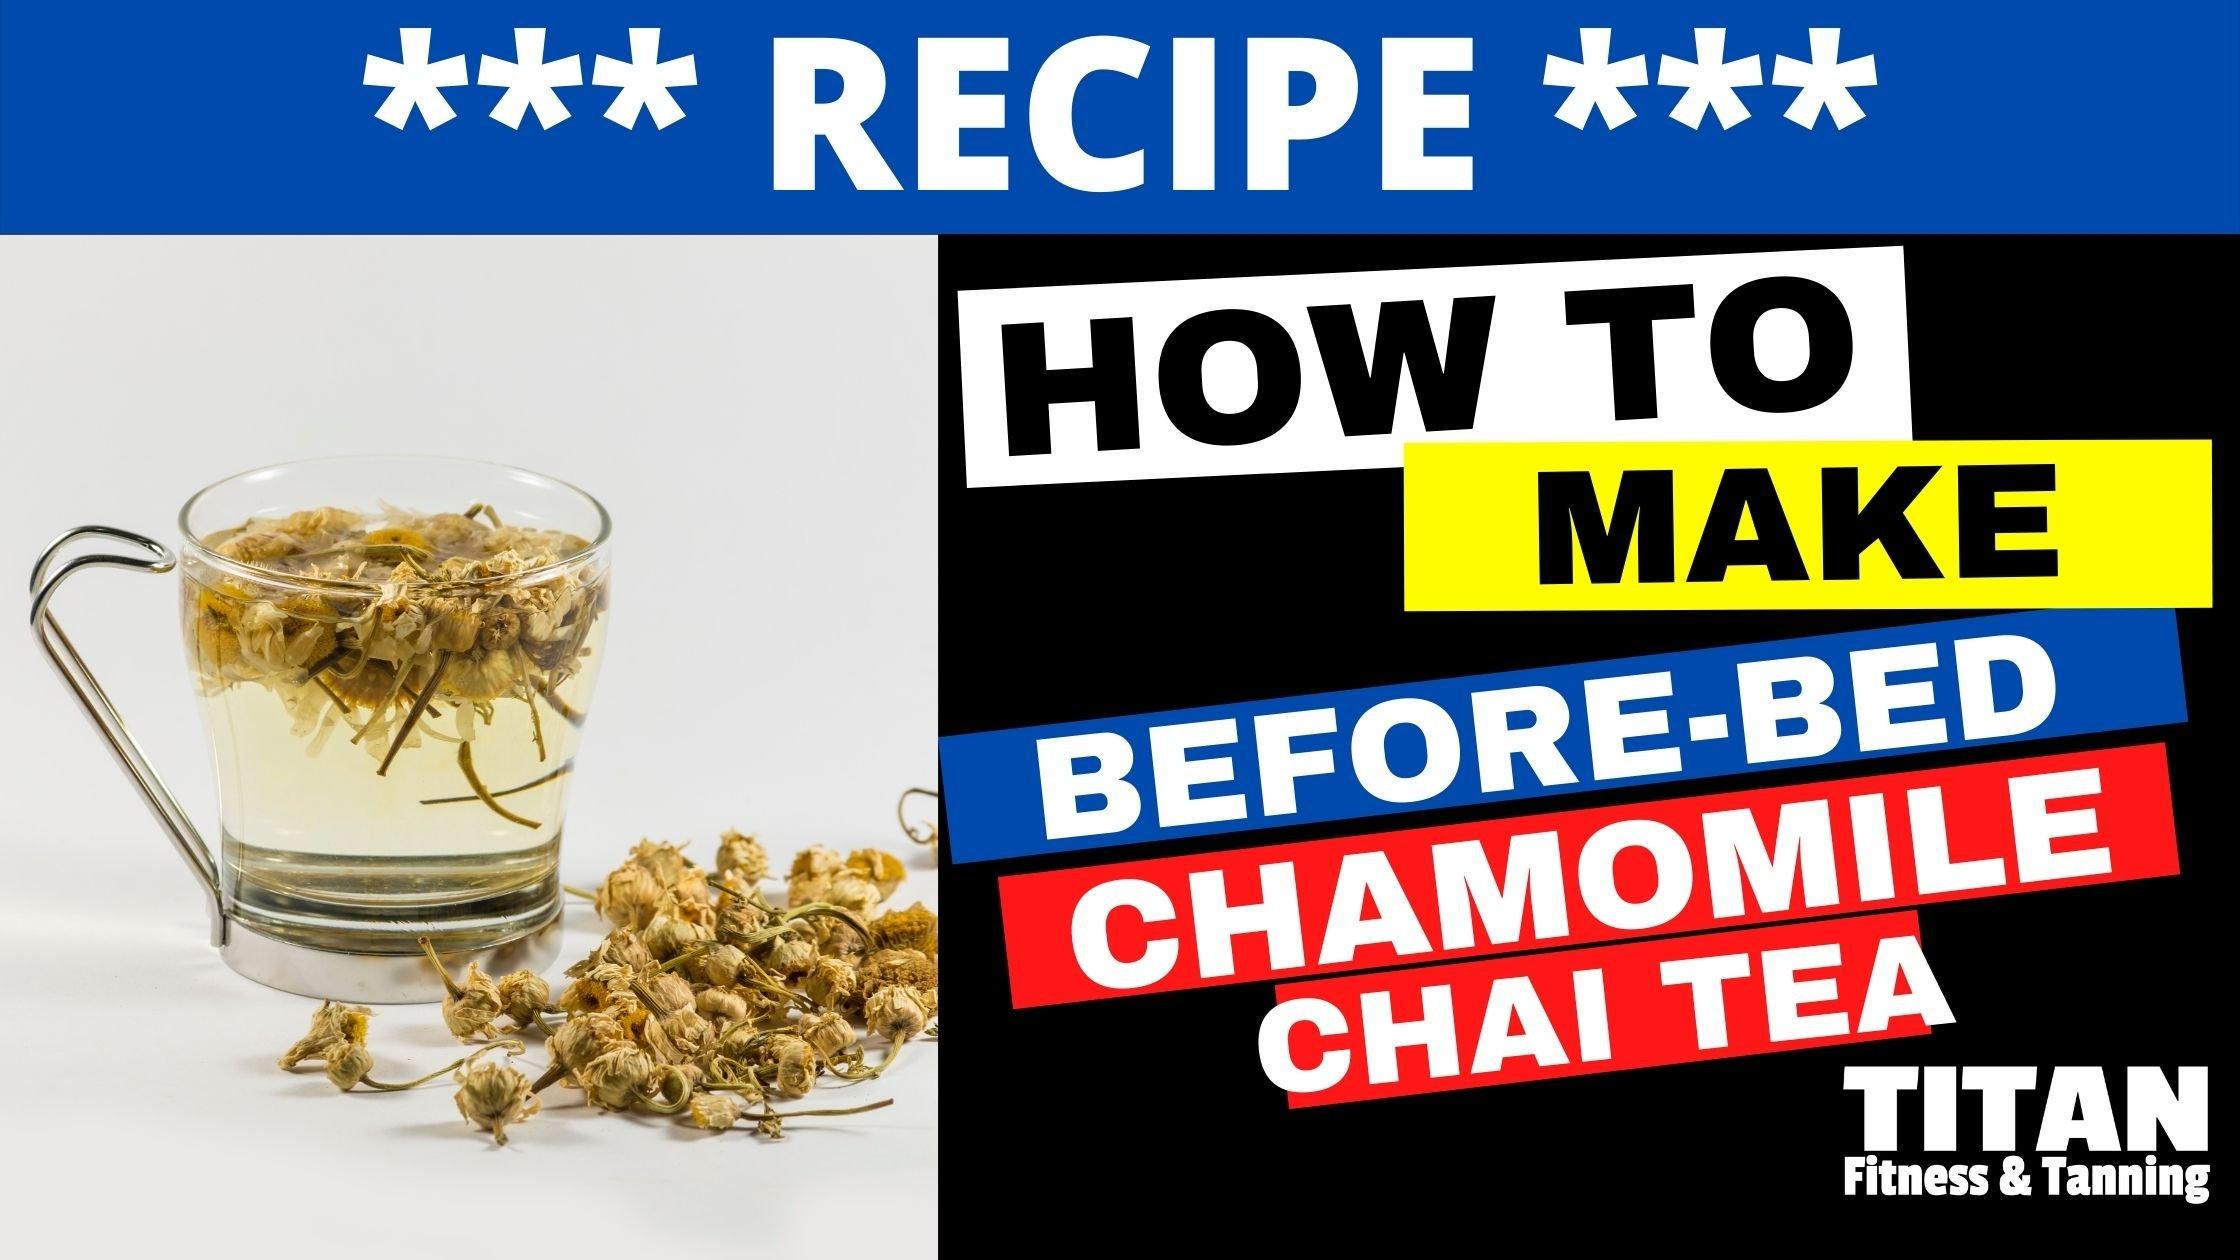 RECIPE: Chamomile Chai Tea